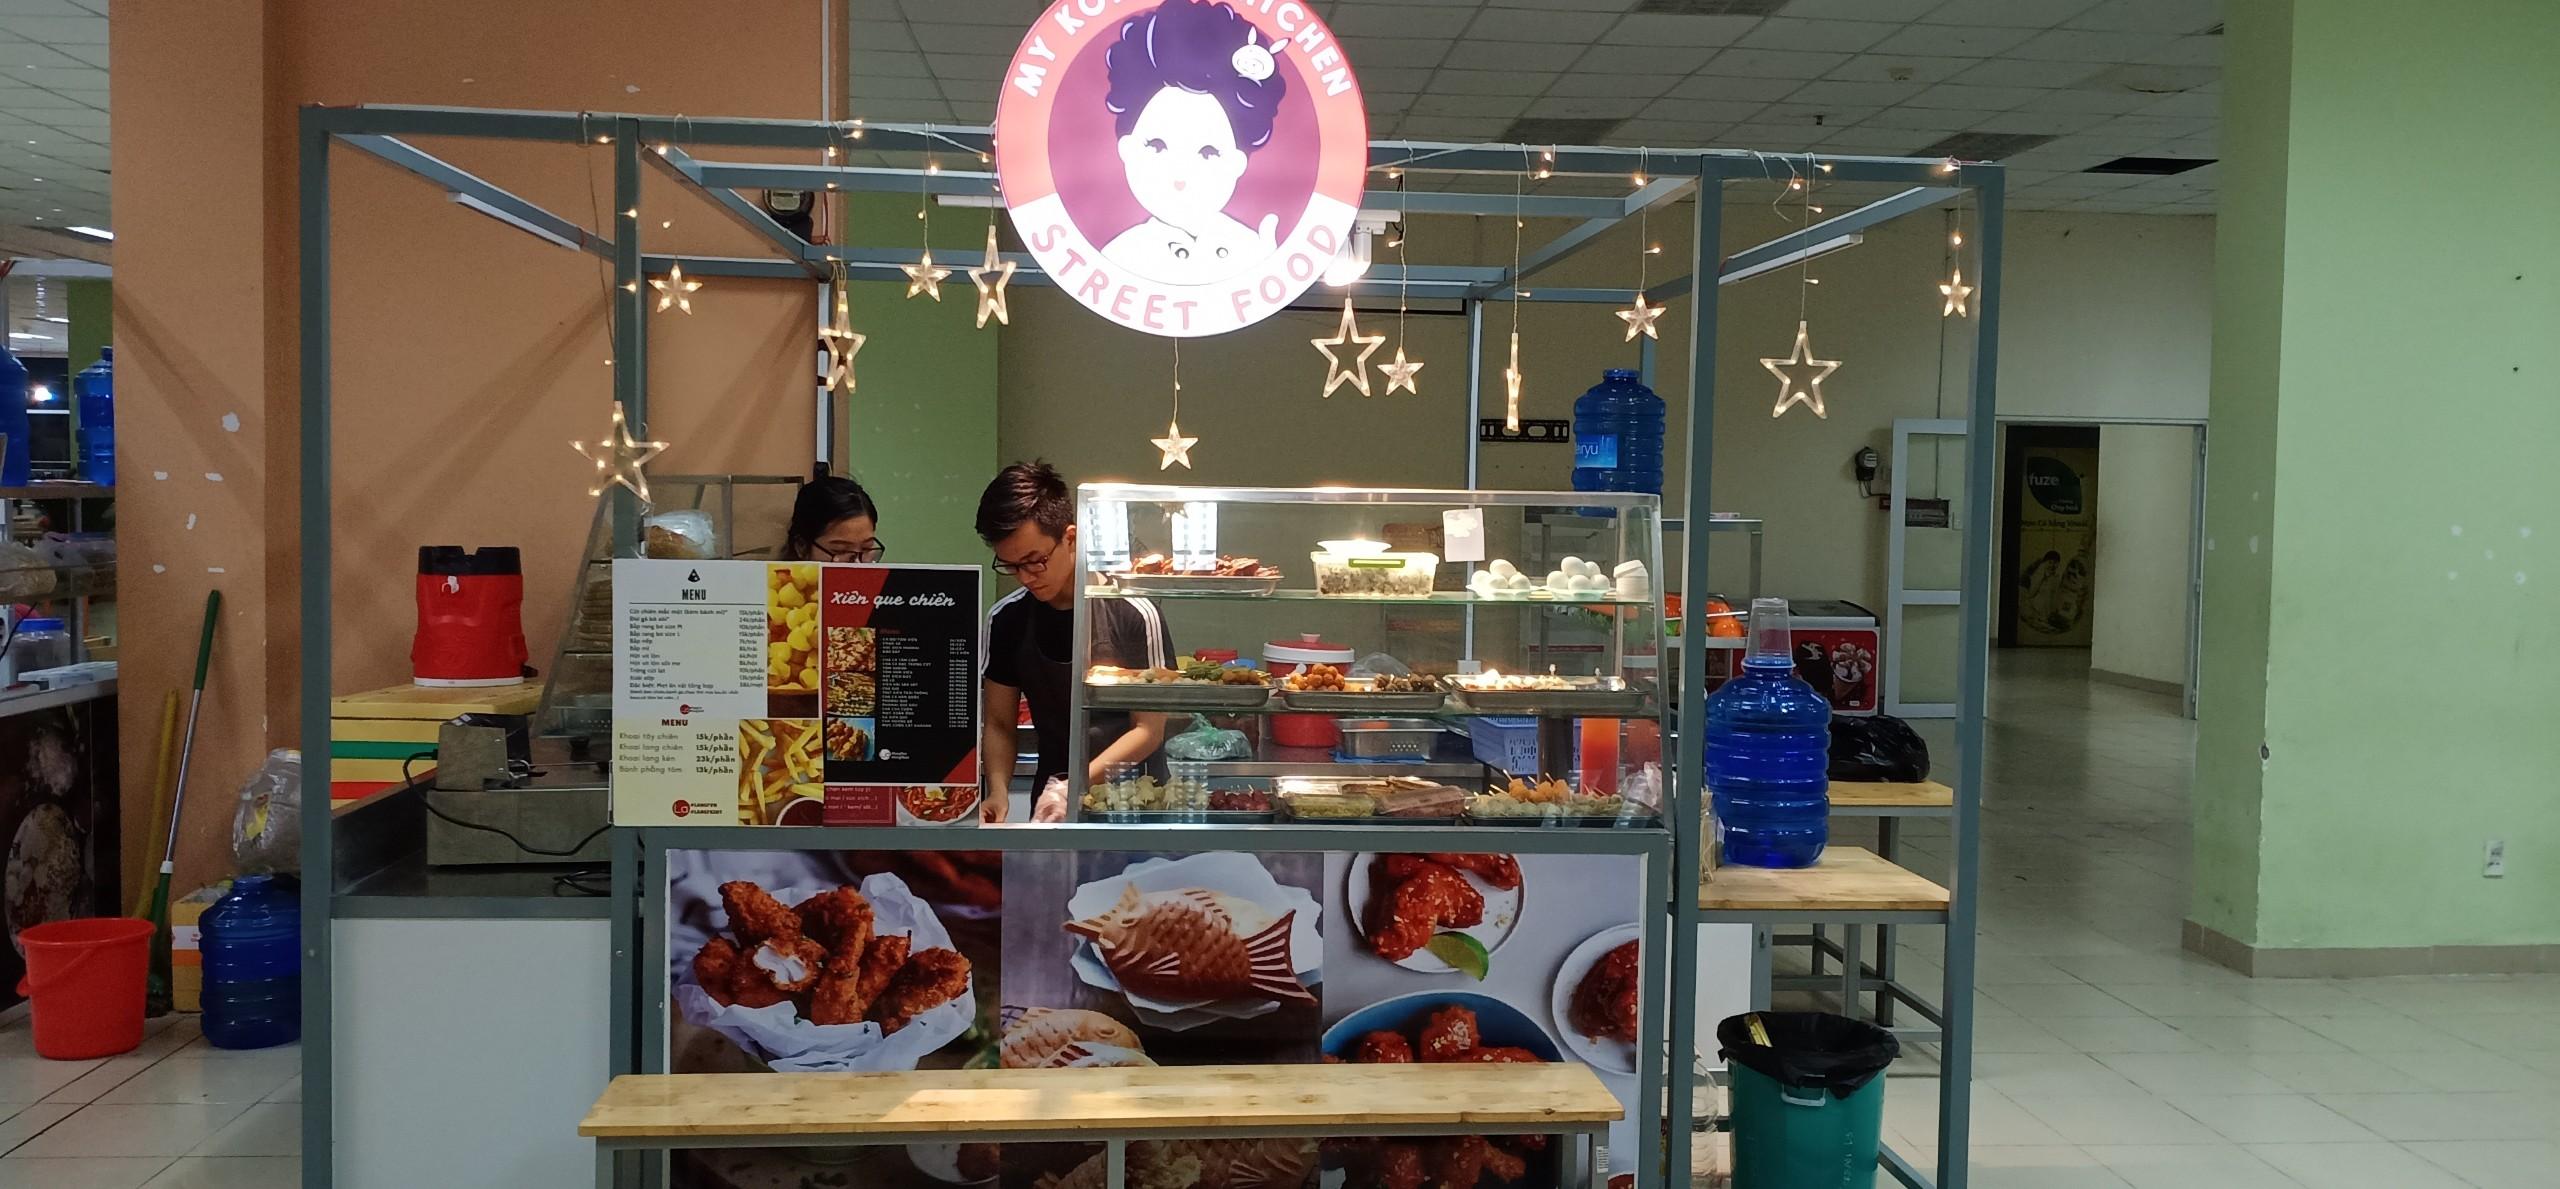 Kiot Korean tại phố ẩm thực làng